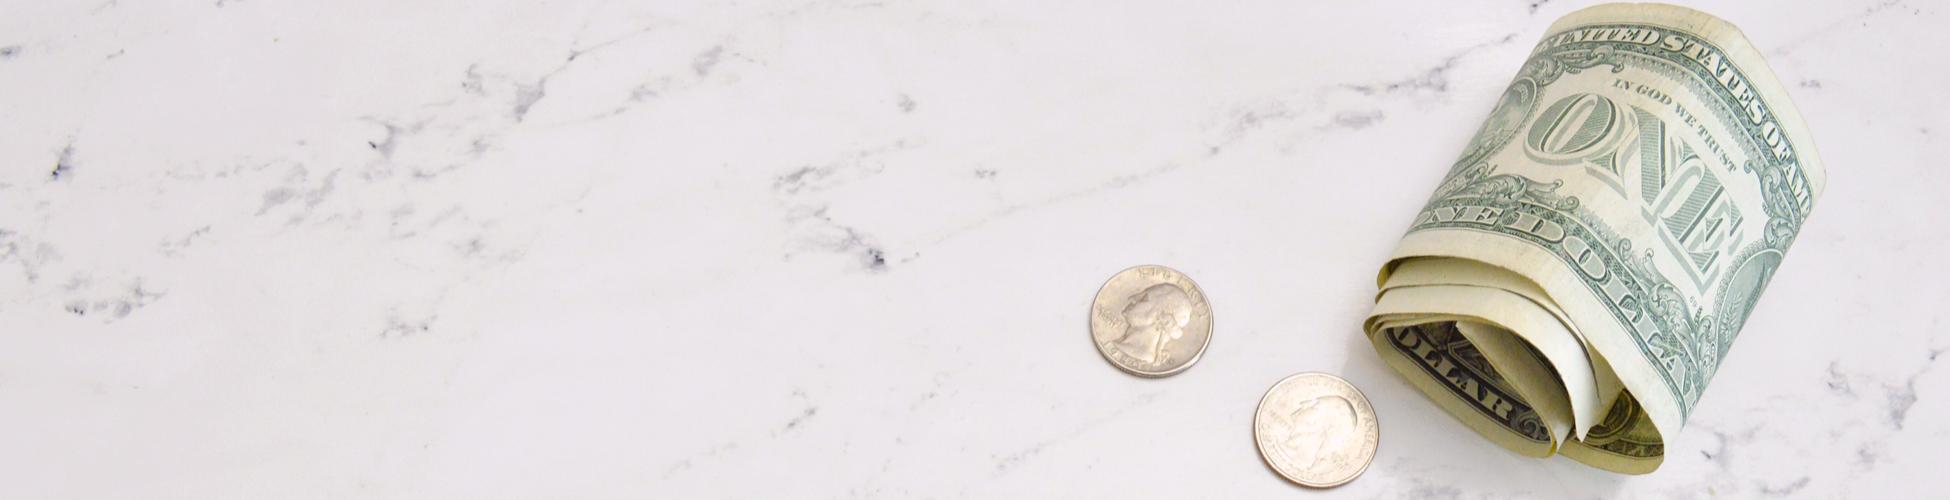 Mäklararvode - Vad bör jag betala i mäklararvode?